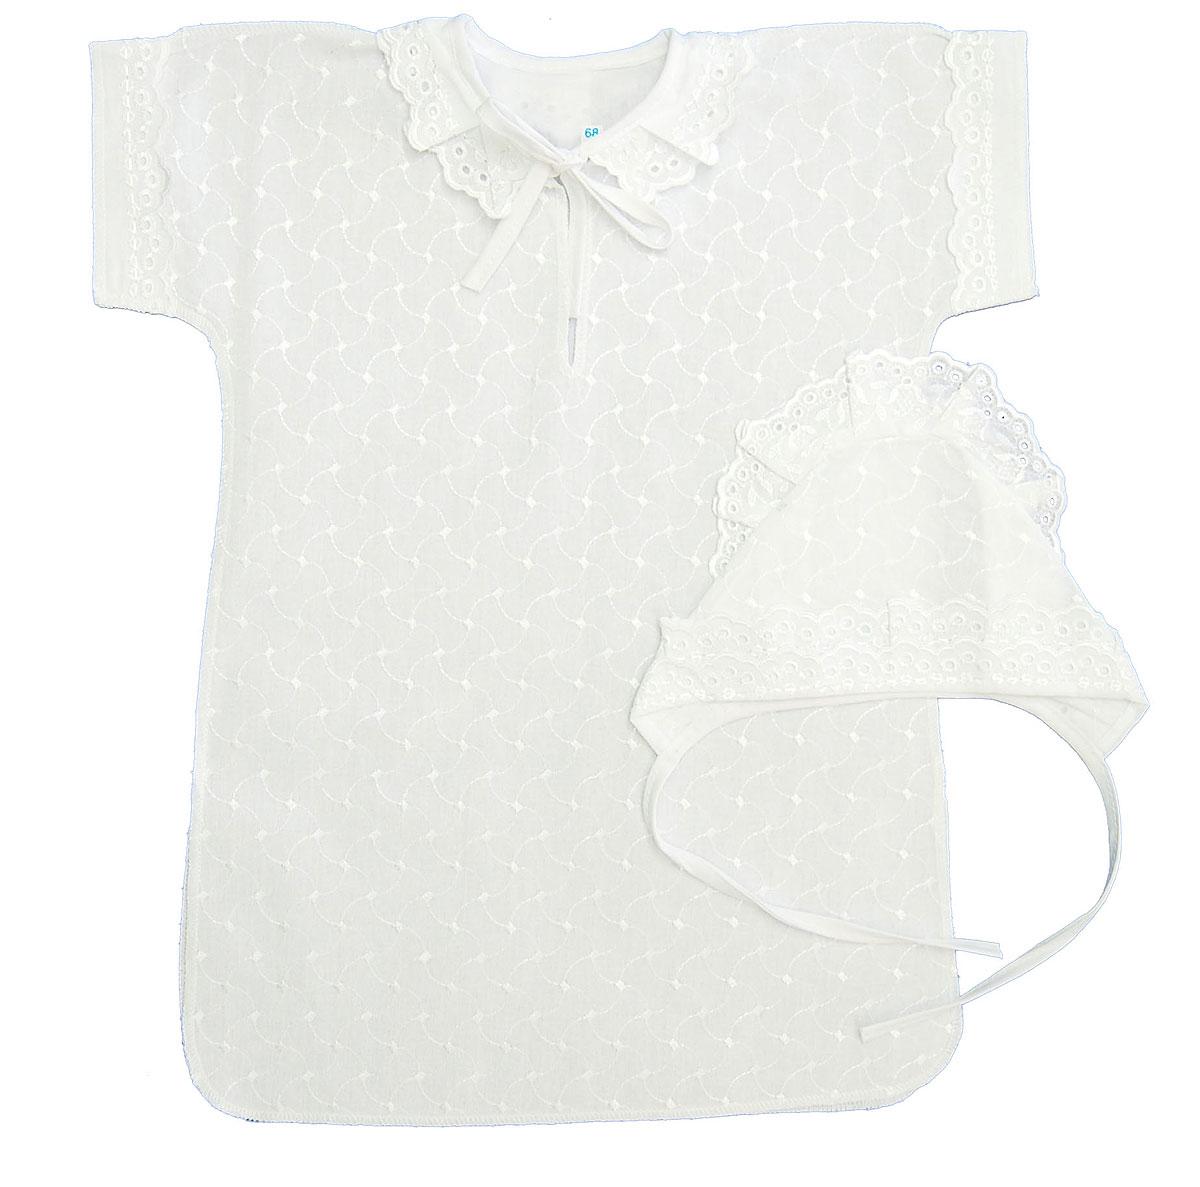 Крестильный набор Трон-плюс комплект для крещения детский трон плюс рубашка чепчик цвет белый 1403 размер 62 3 месяца